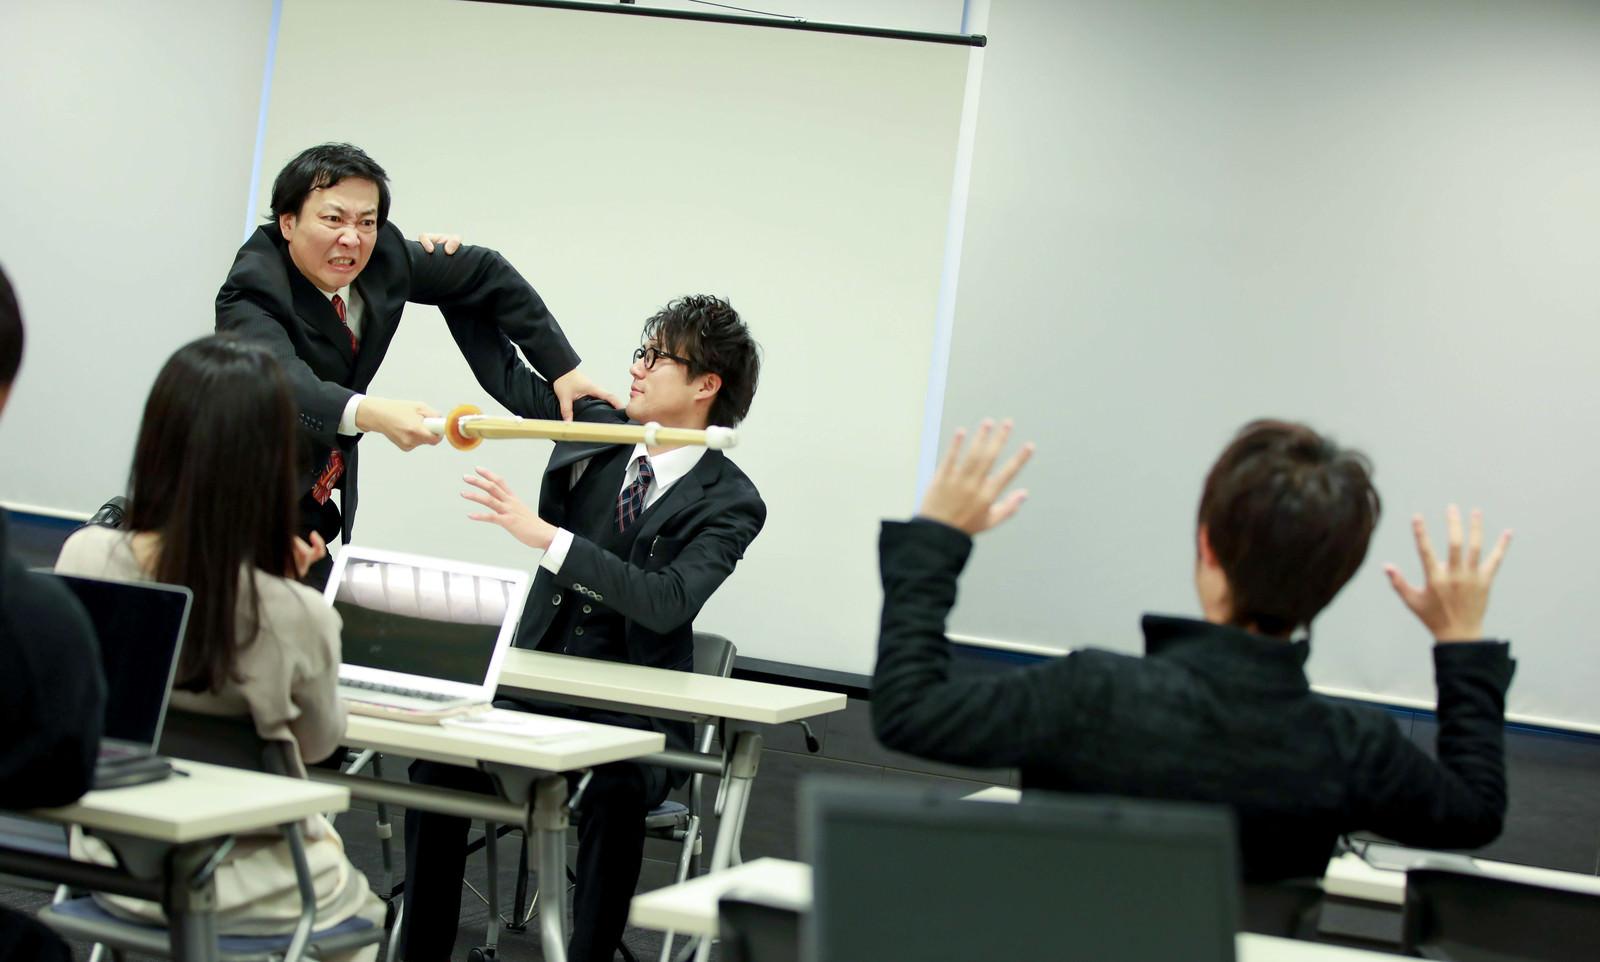 「体罰も辞さないパワハラ研修がはじまる」の写真[モデル:のせさん 村田裕章]